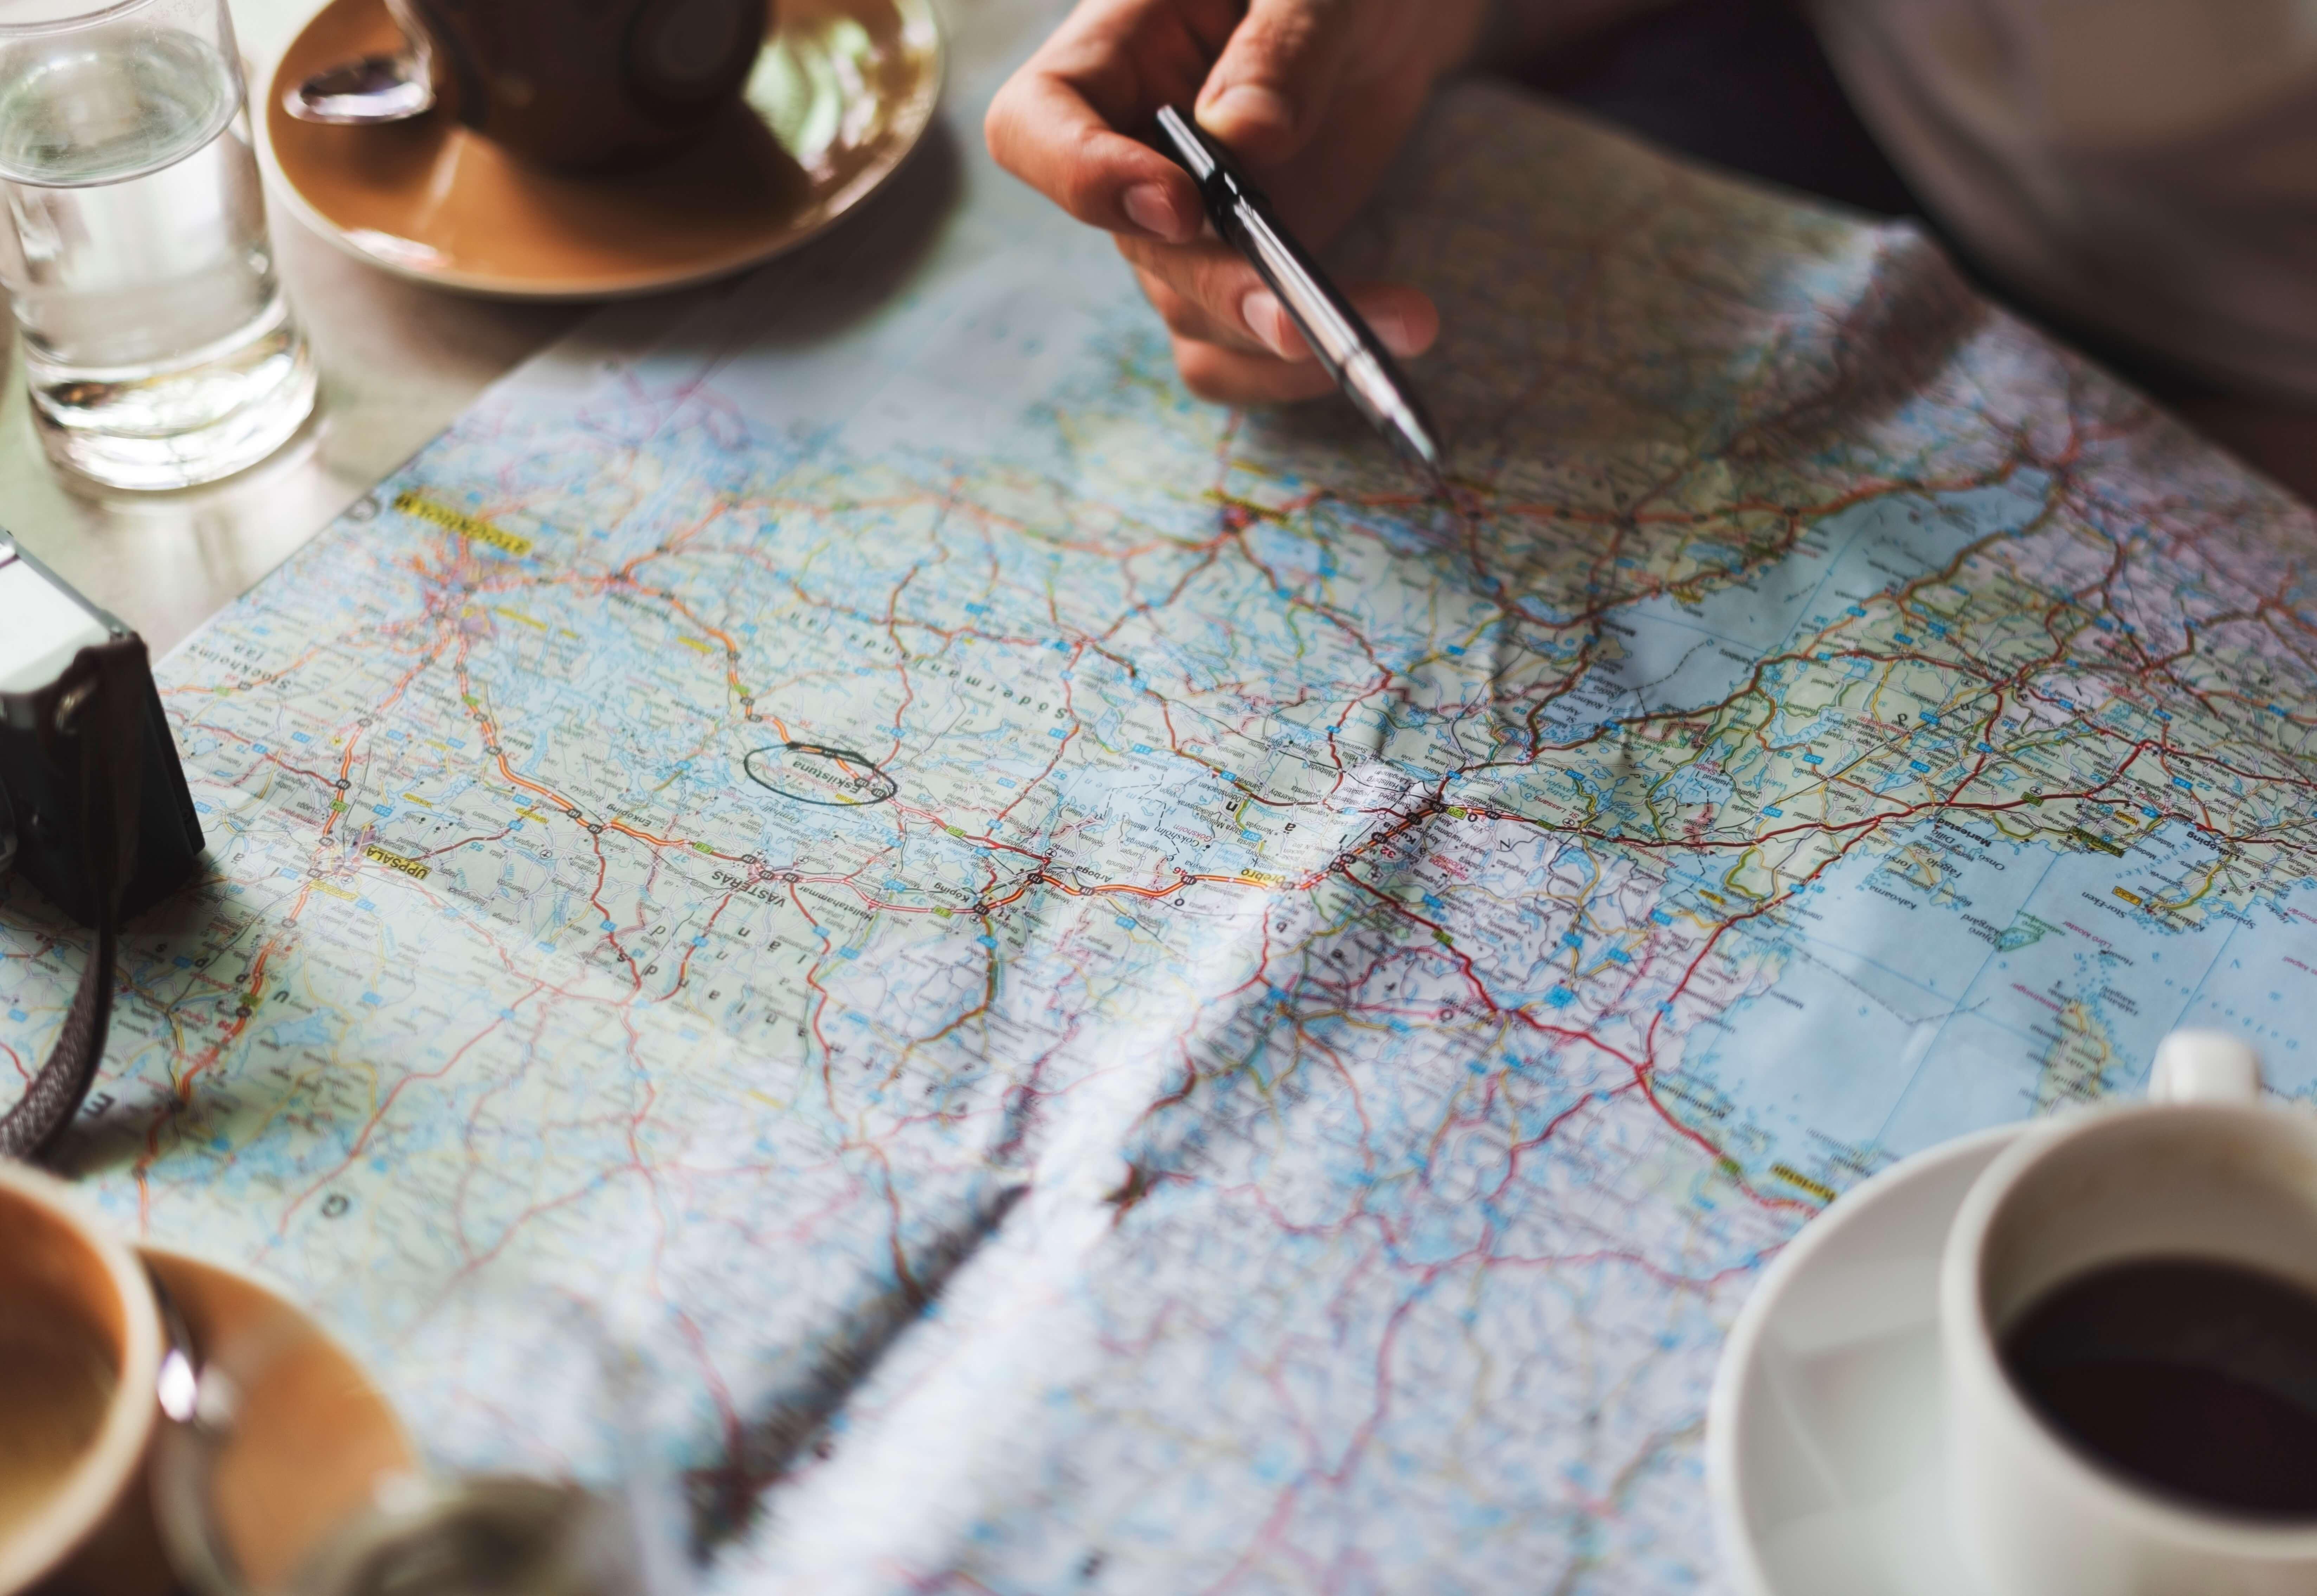 Kako je to studirati u inozemstvu? Sve odgovore možeš dobiti na ovom predavanju